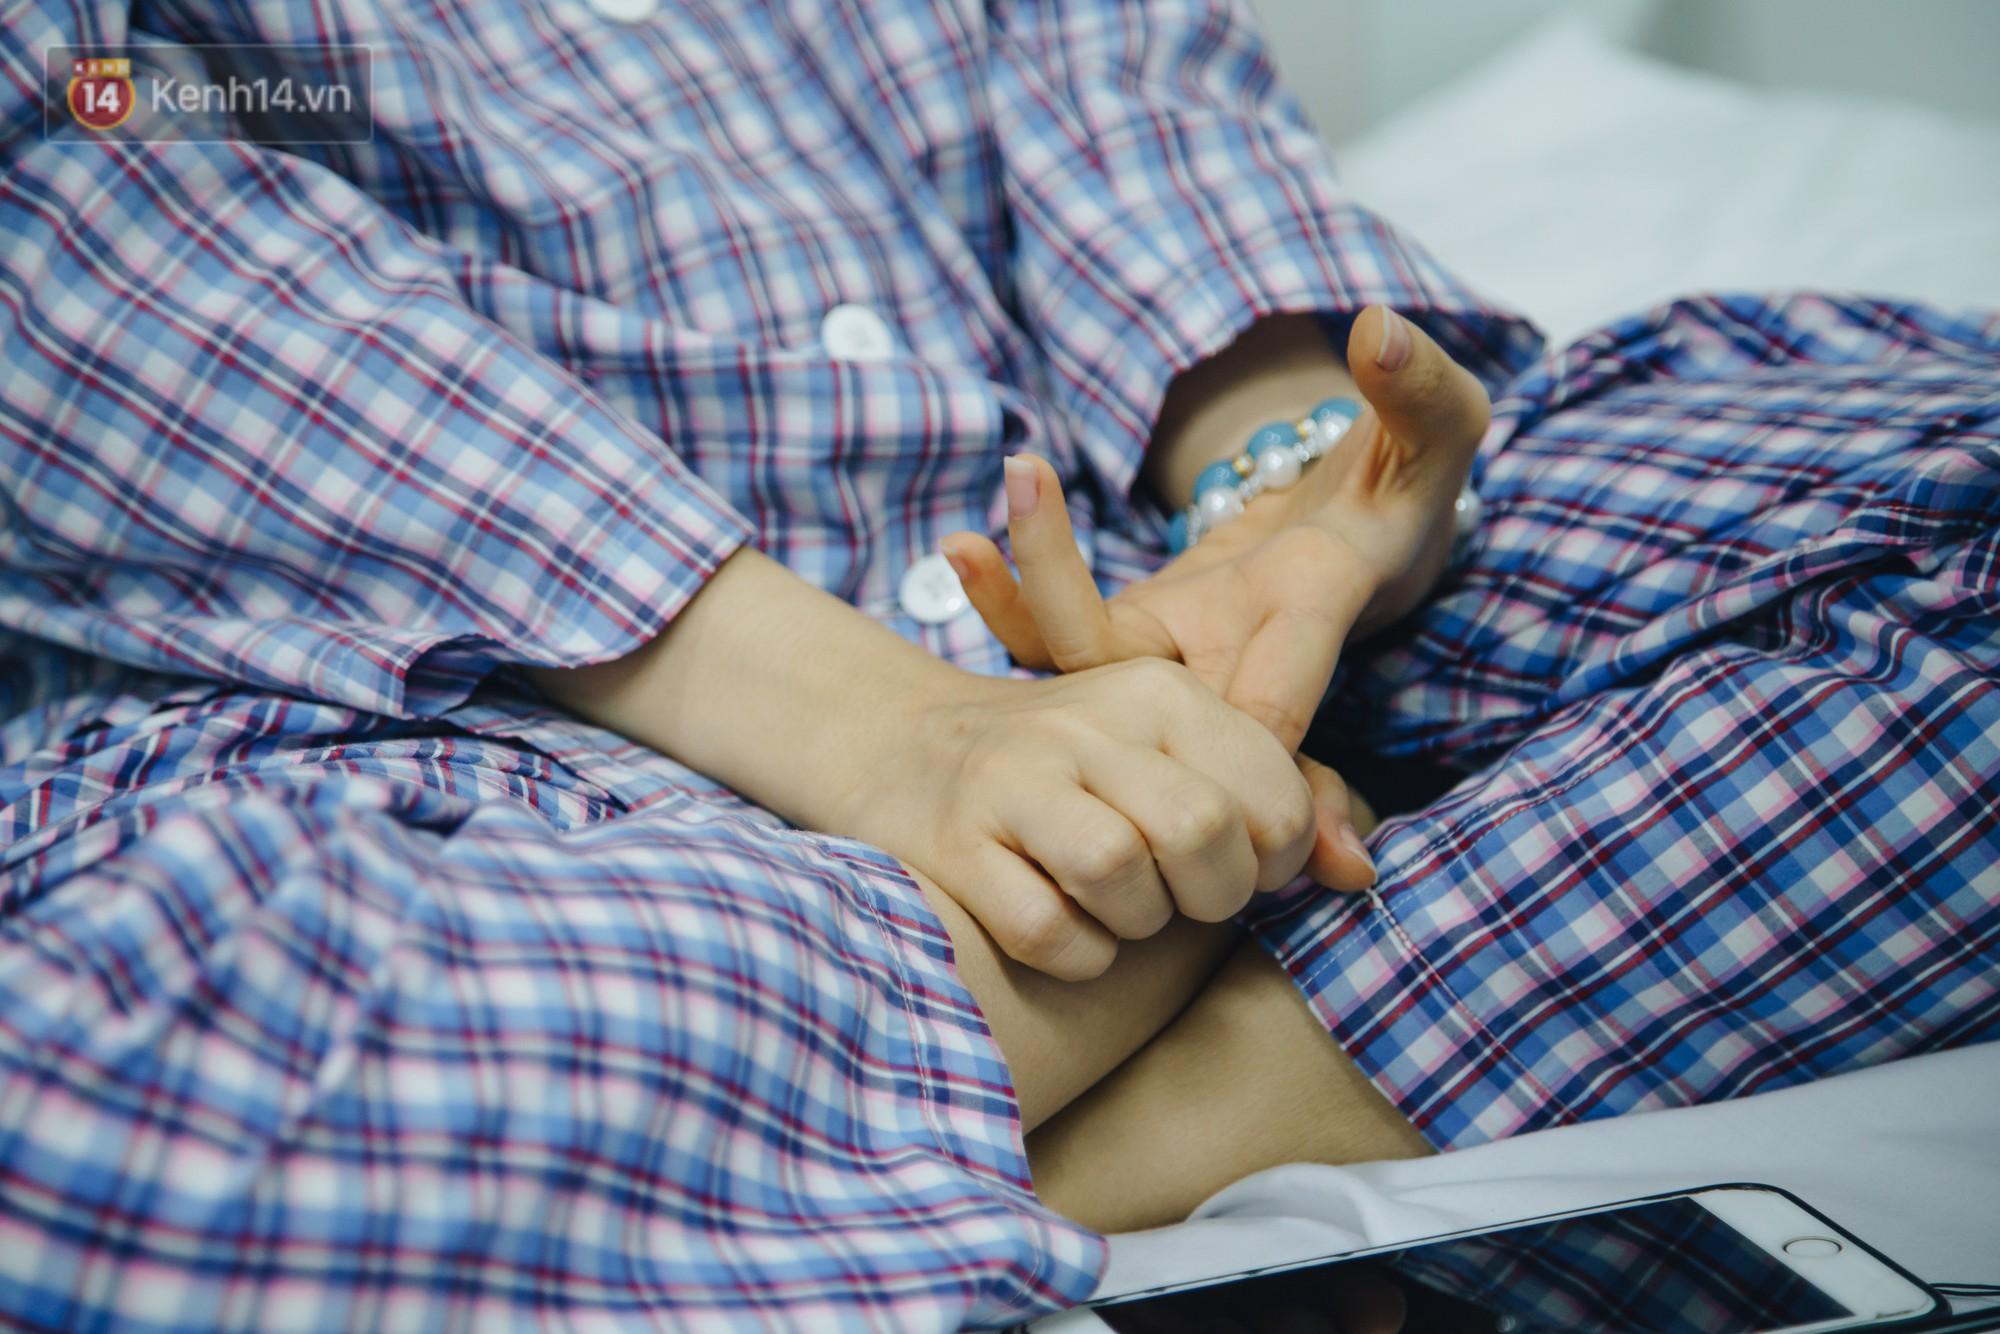 Thức đến 2h sáng, ăn đồ xào rán và lê la quán hàng - Thói quen của cô giáo 24 tuổi mắc ung thư gan giai đoạn 3 trở thành lời cảnh tỉnh người trẻ-2